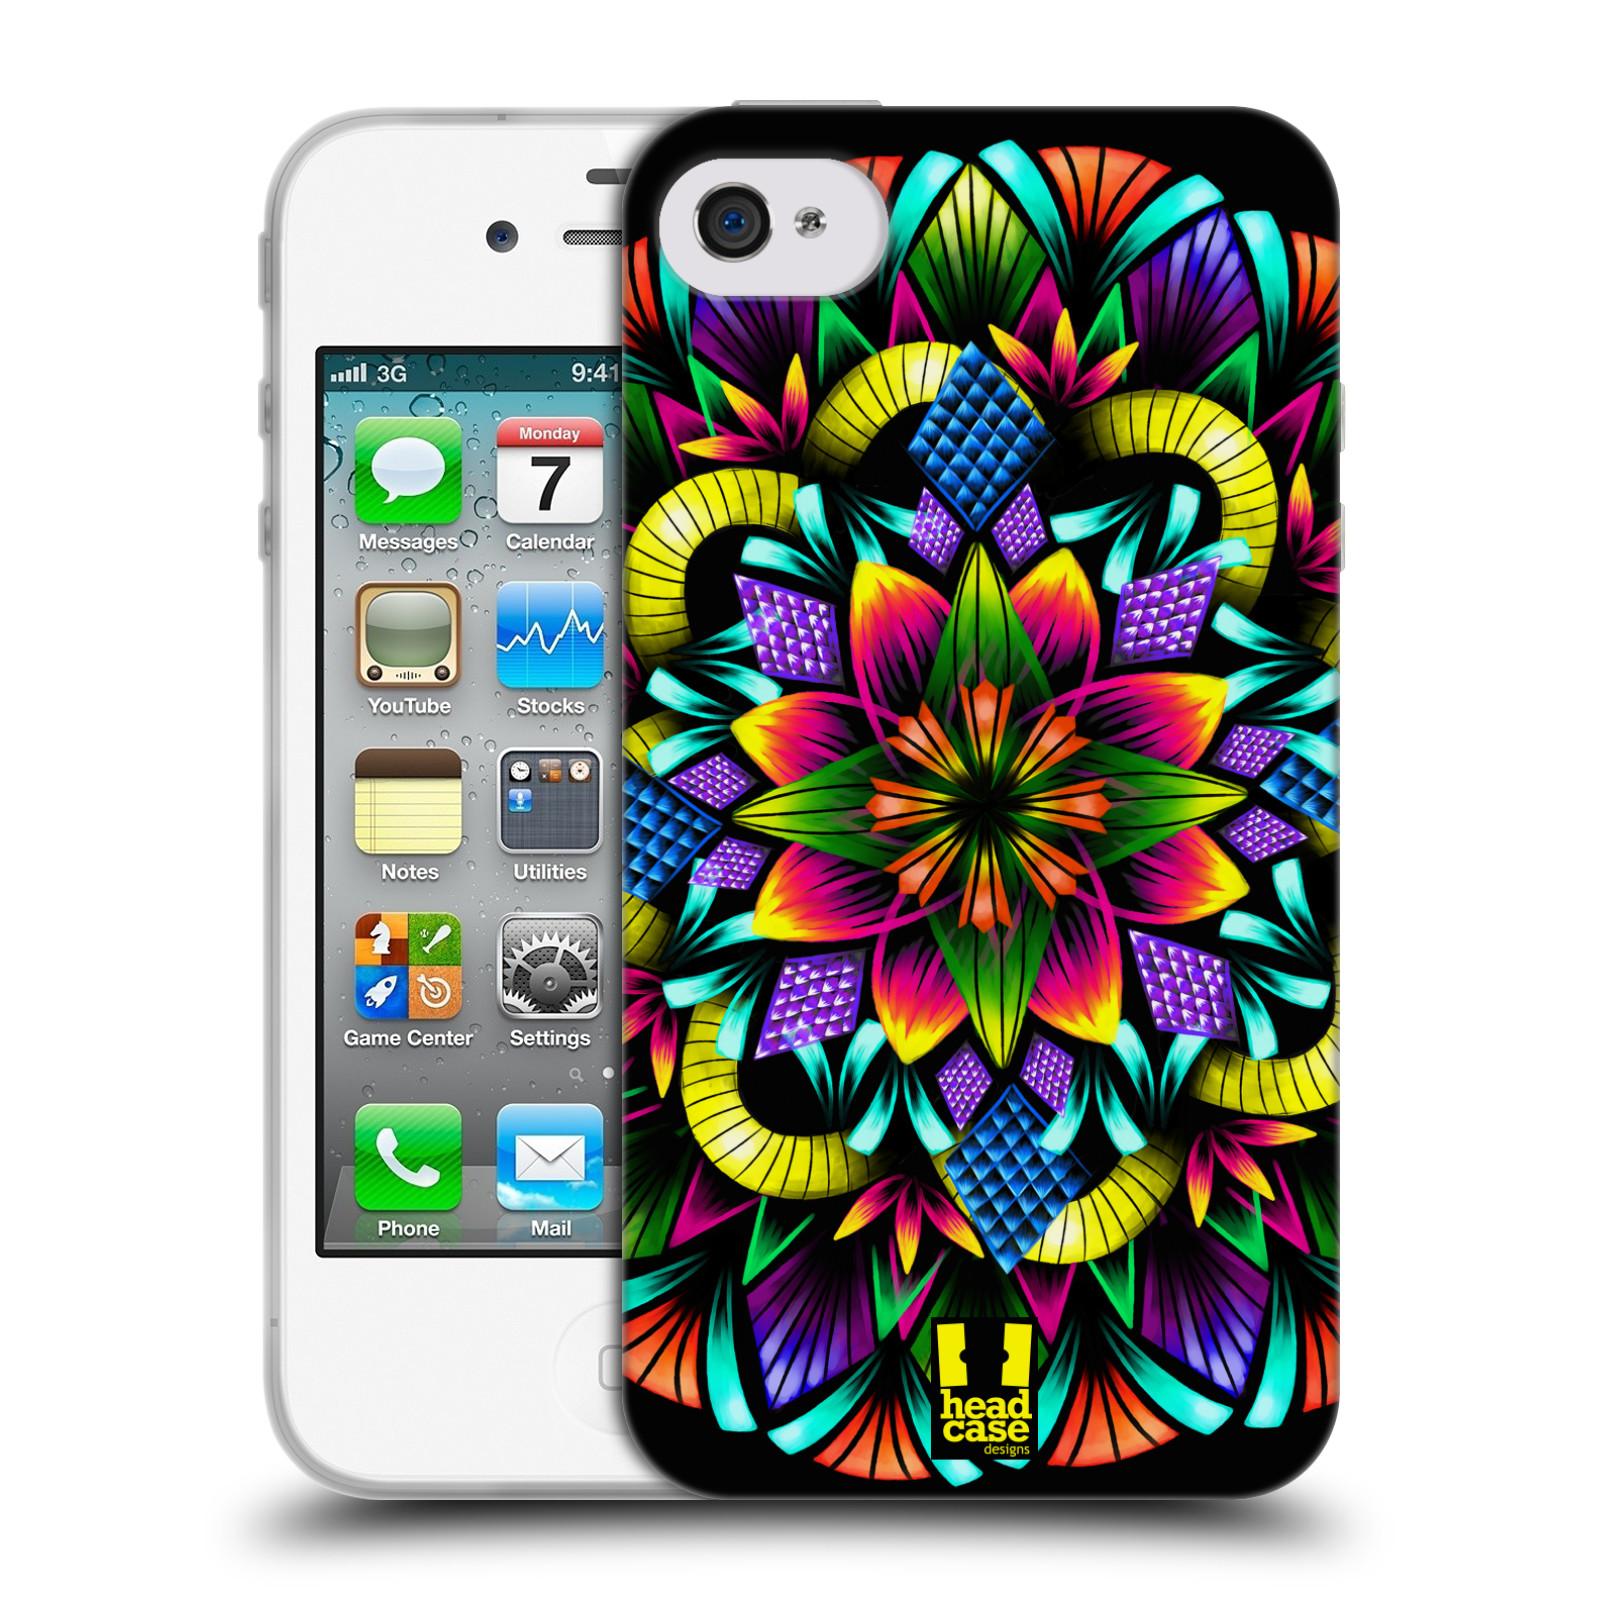 HEAD CASE silikonový obal na mobil Apple Iphone 4/4S vzor Indie Mandala kaleidoskop barevný vzor KVĚTINA